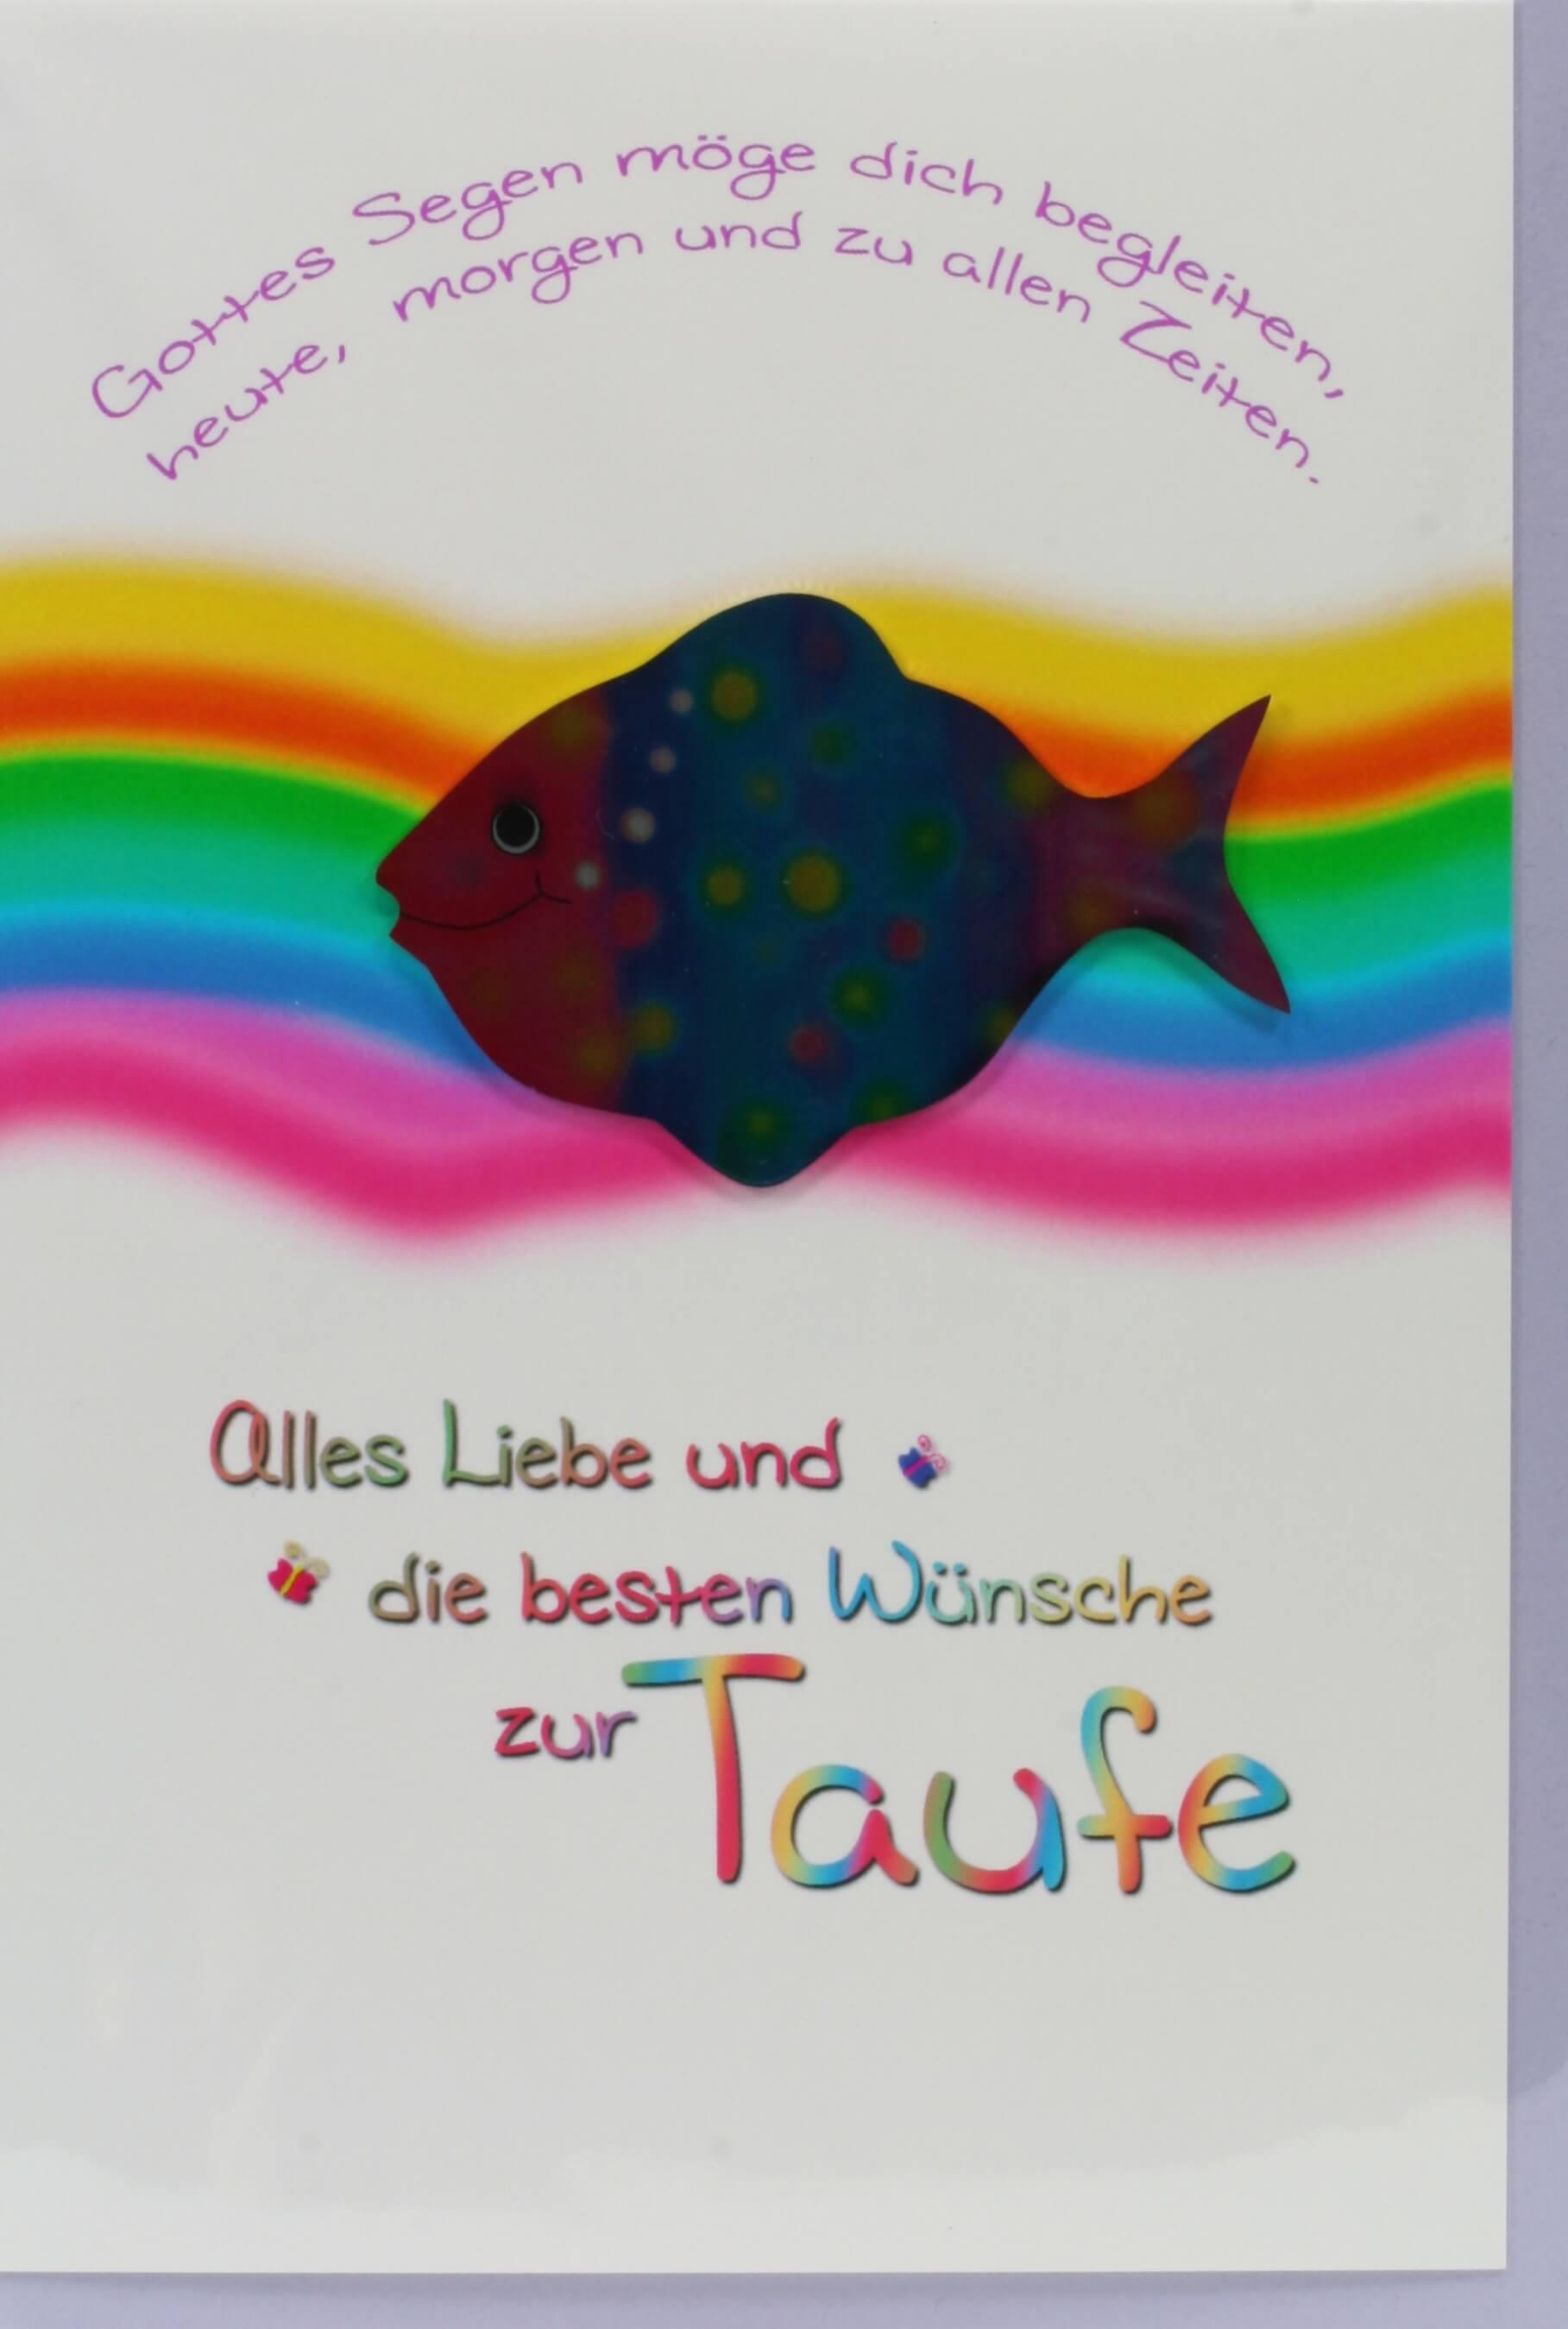 Spruch Taufe Karte.Karte Zur Taufe Regenbogen Metall Fisch